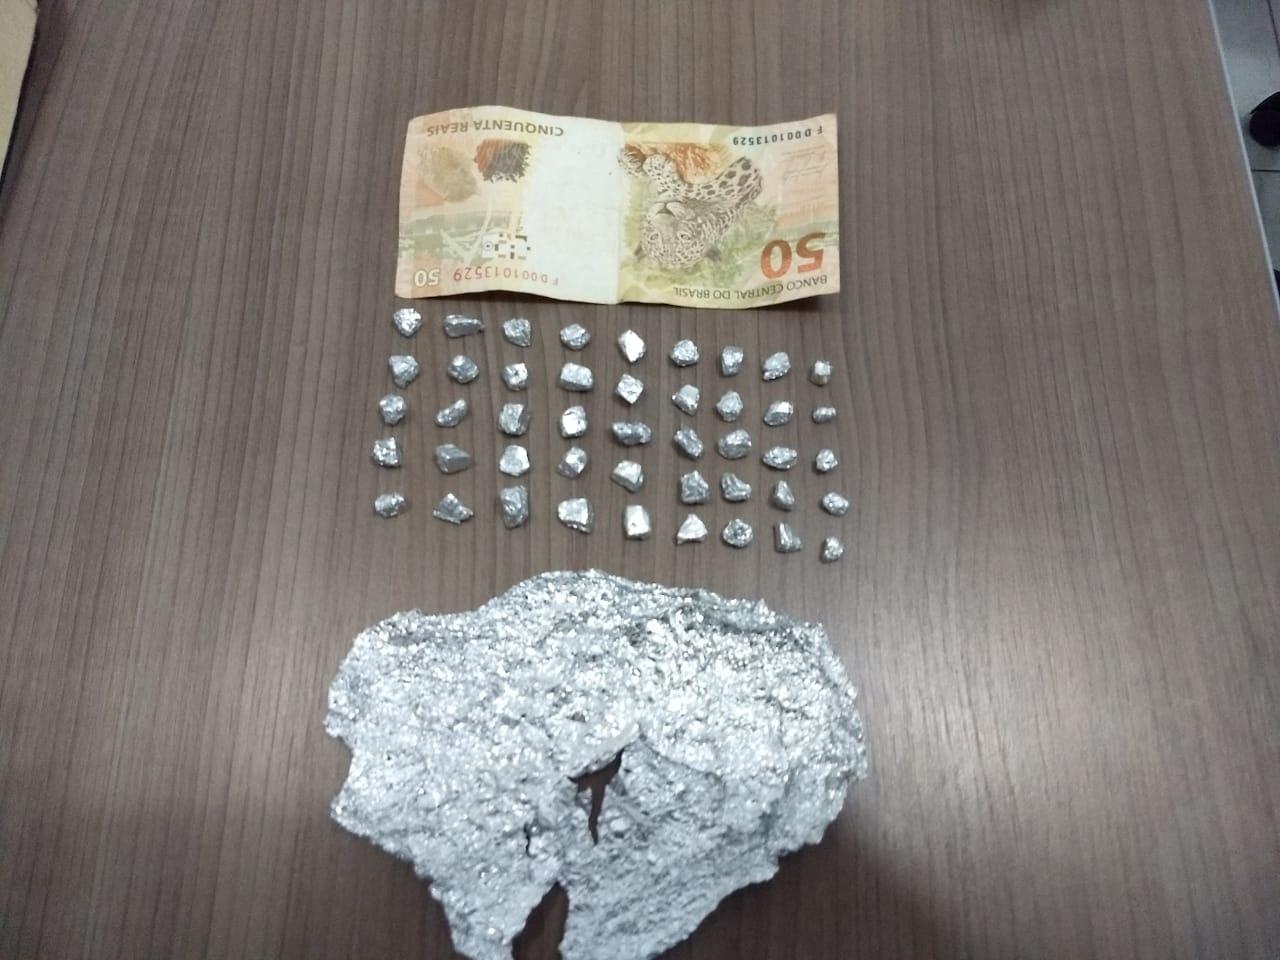 Pedras de crack, dinheiro e celular são encontrados em residência de homem preso em Tapera